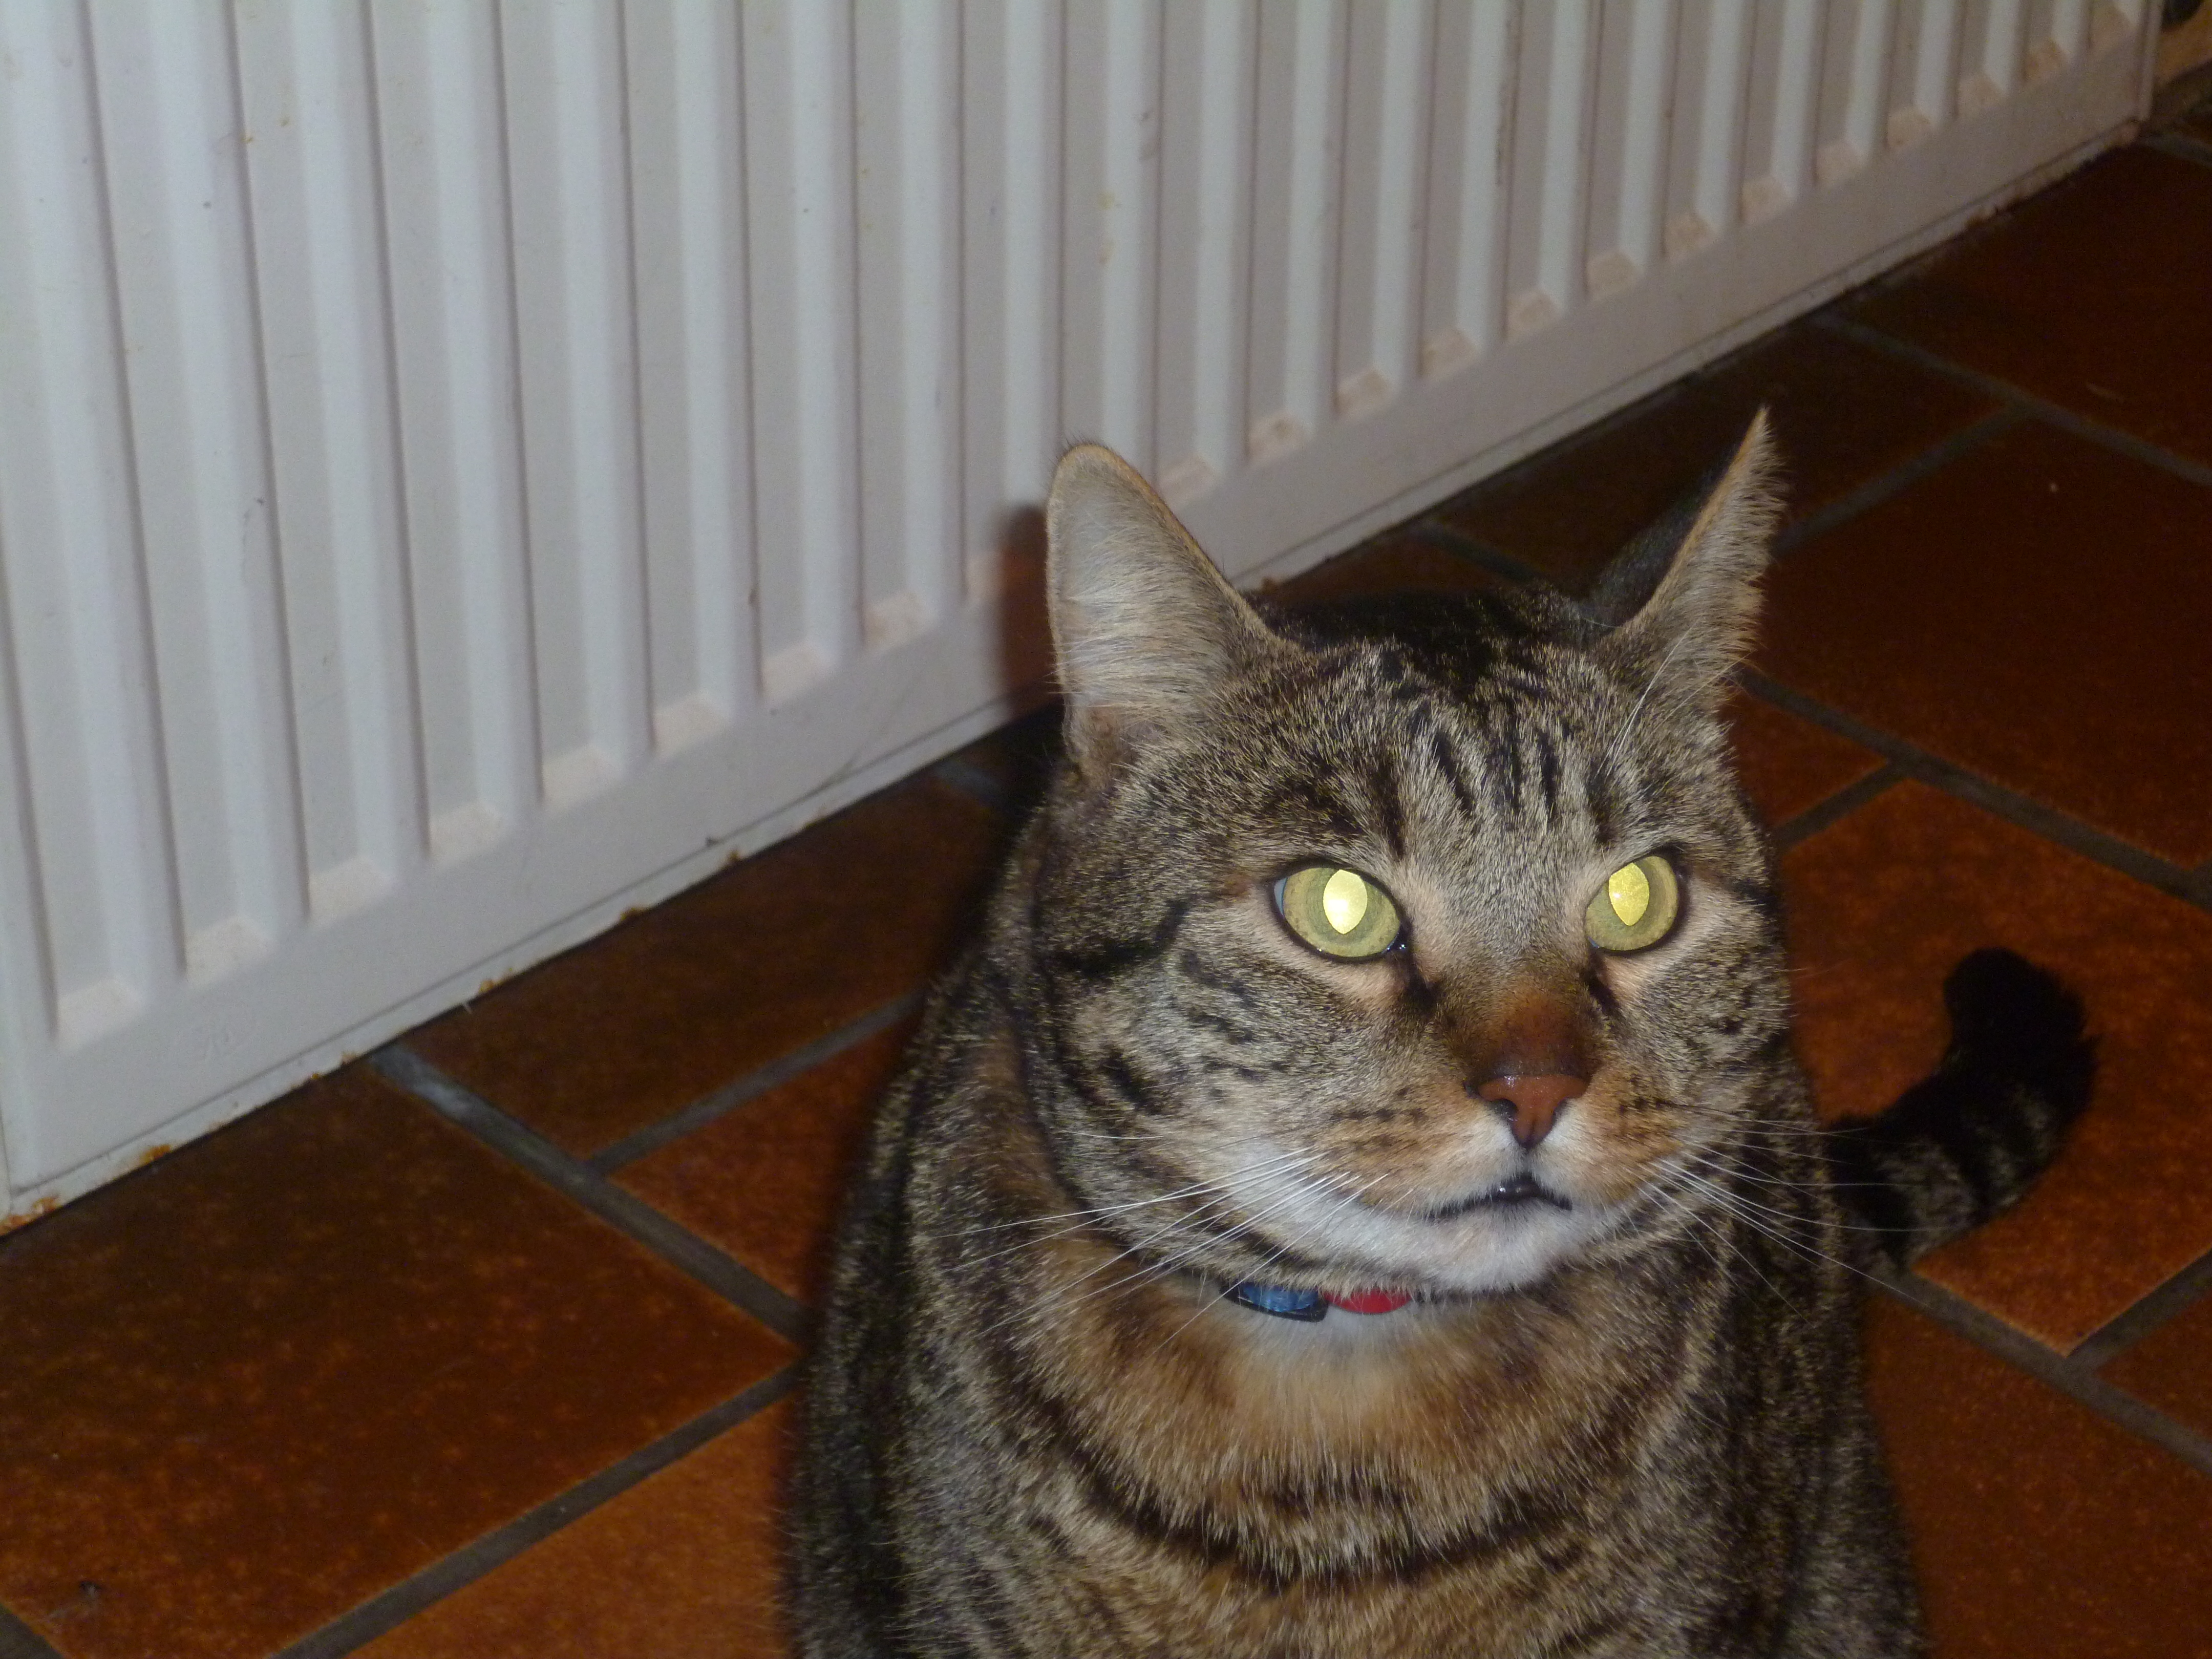 Radiquer les puces dans une maison lu0027image en grand comment tuer les puces dans la - Comment eliminer les puces d un chat ...